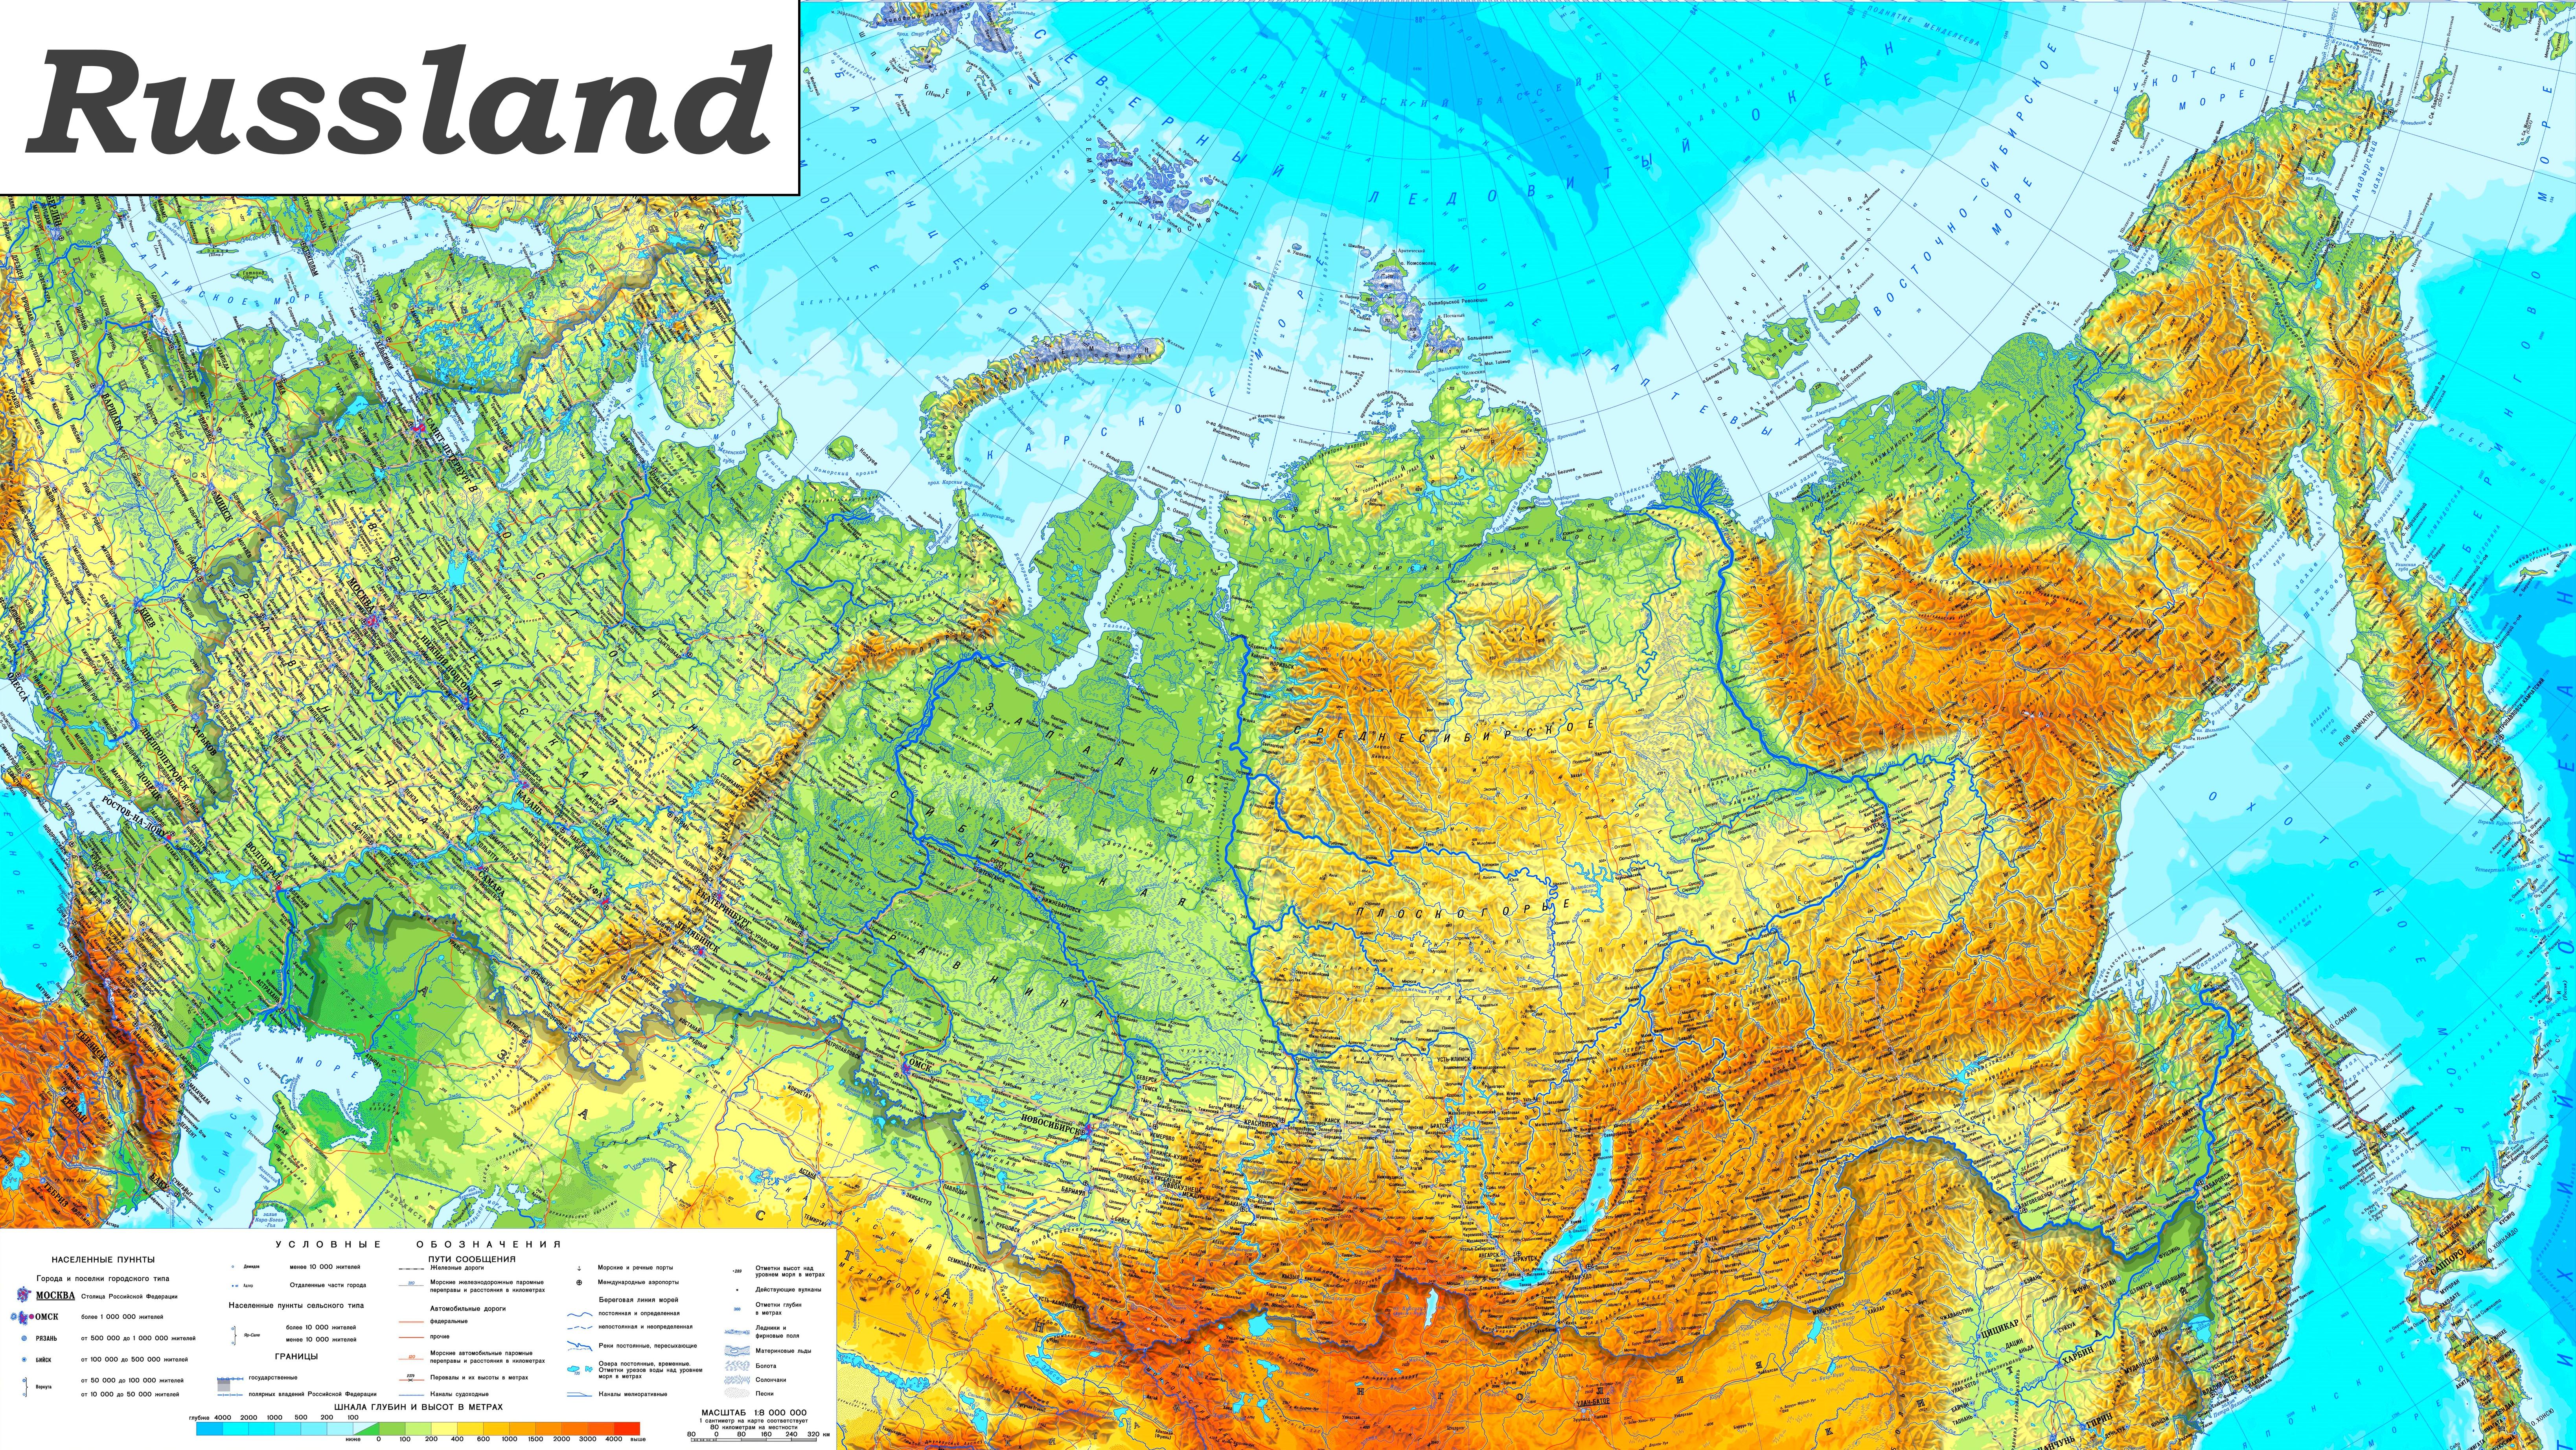 Karte Russland.Grosse Detaillierte Karte Von Russland